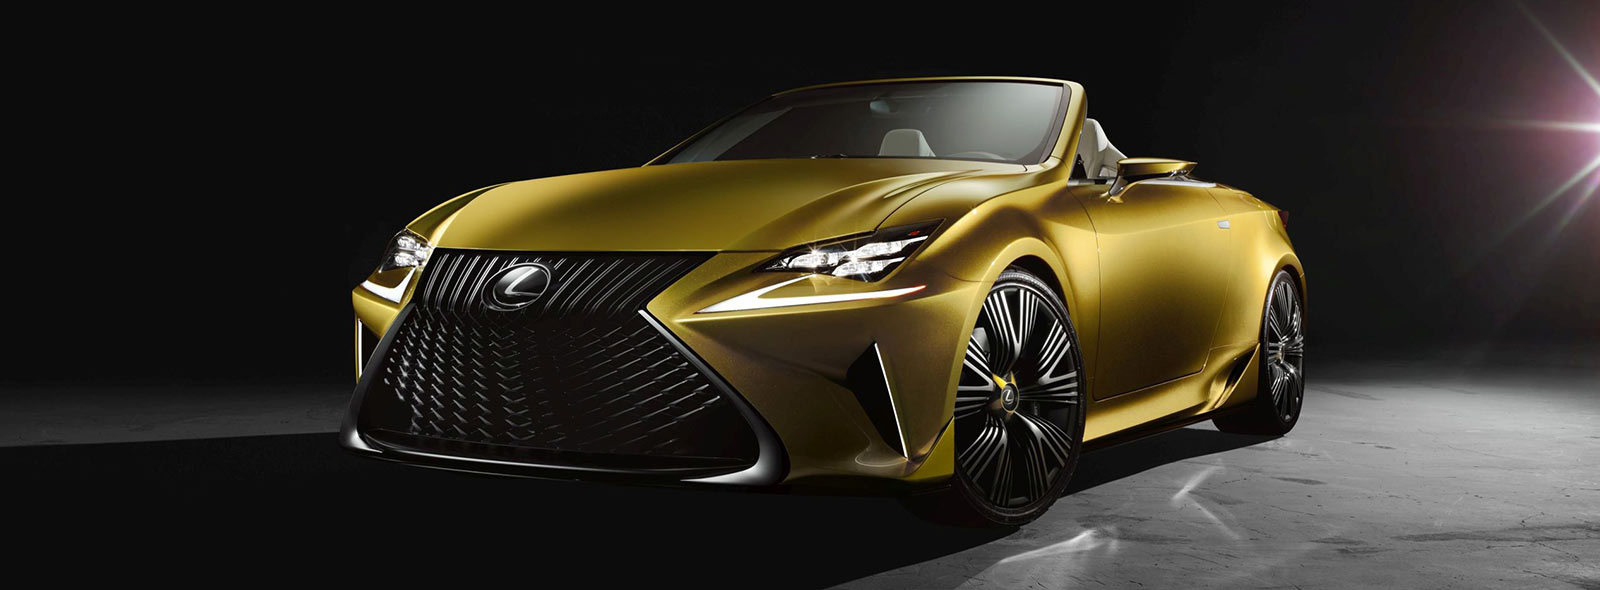 Lexus LF-C2 Concept Convertible Front